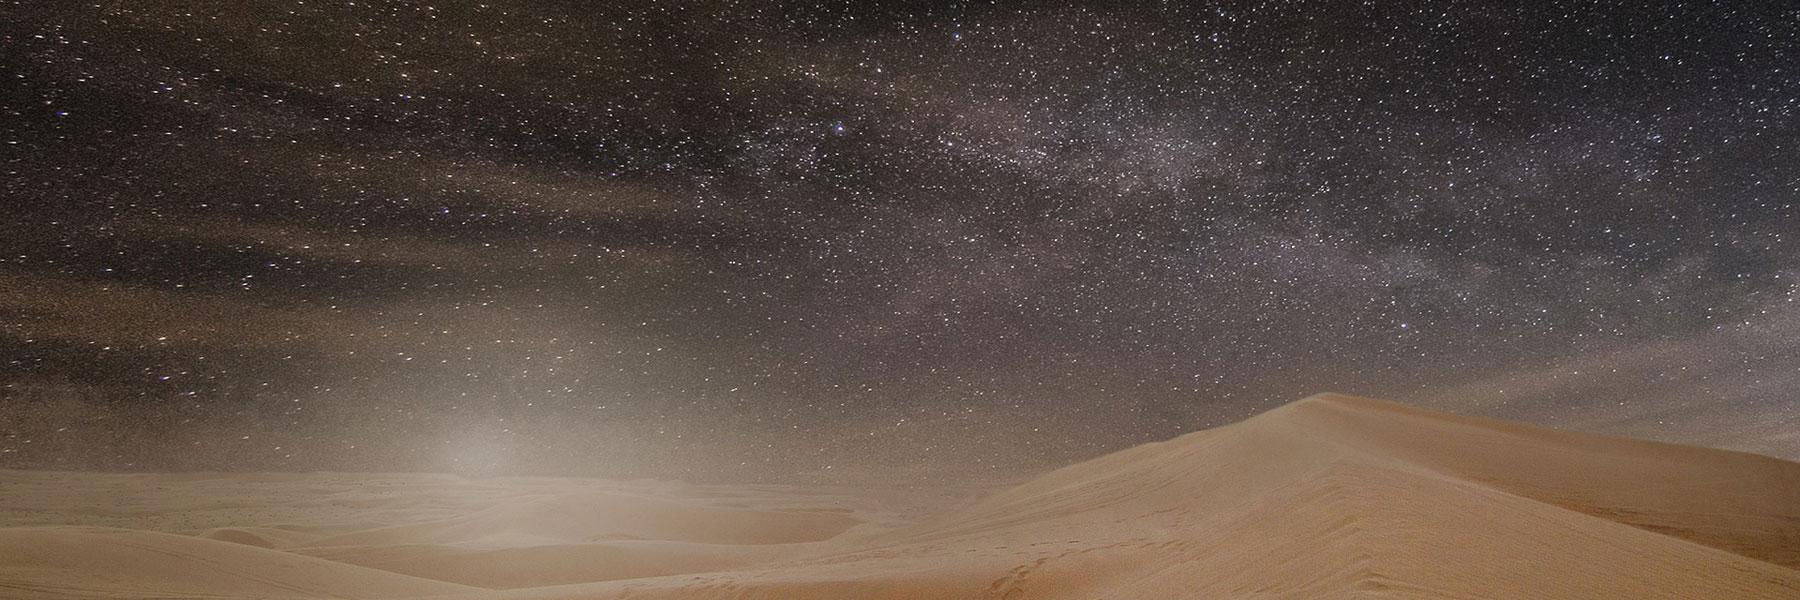 Nuits étoilées dans le désert